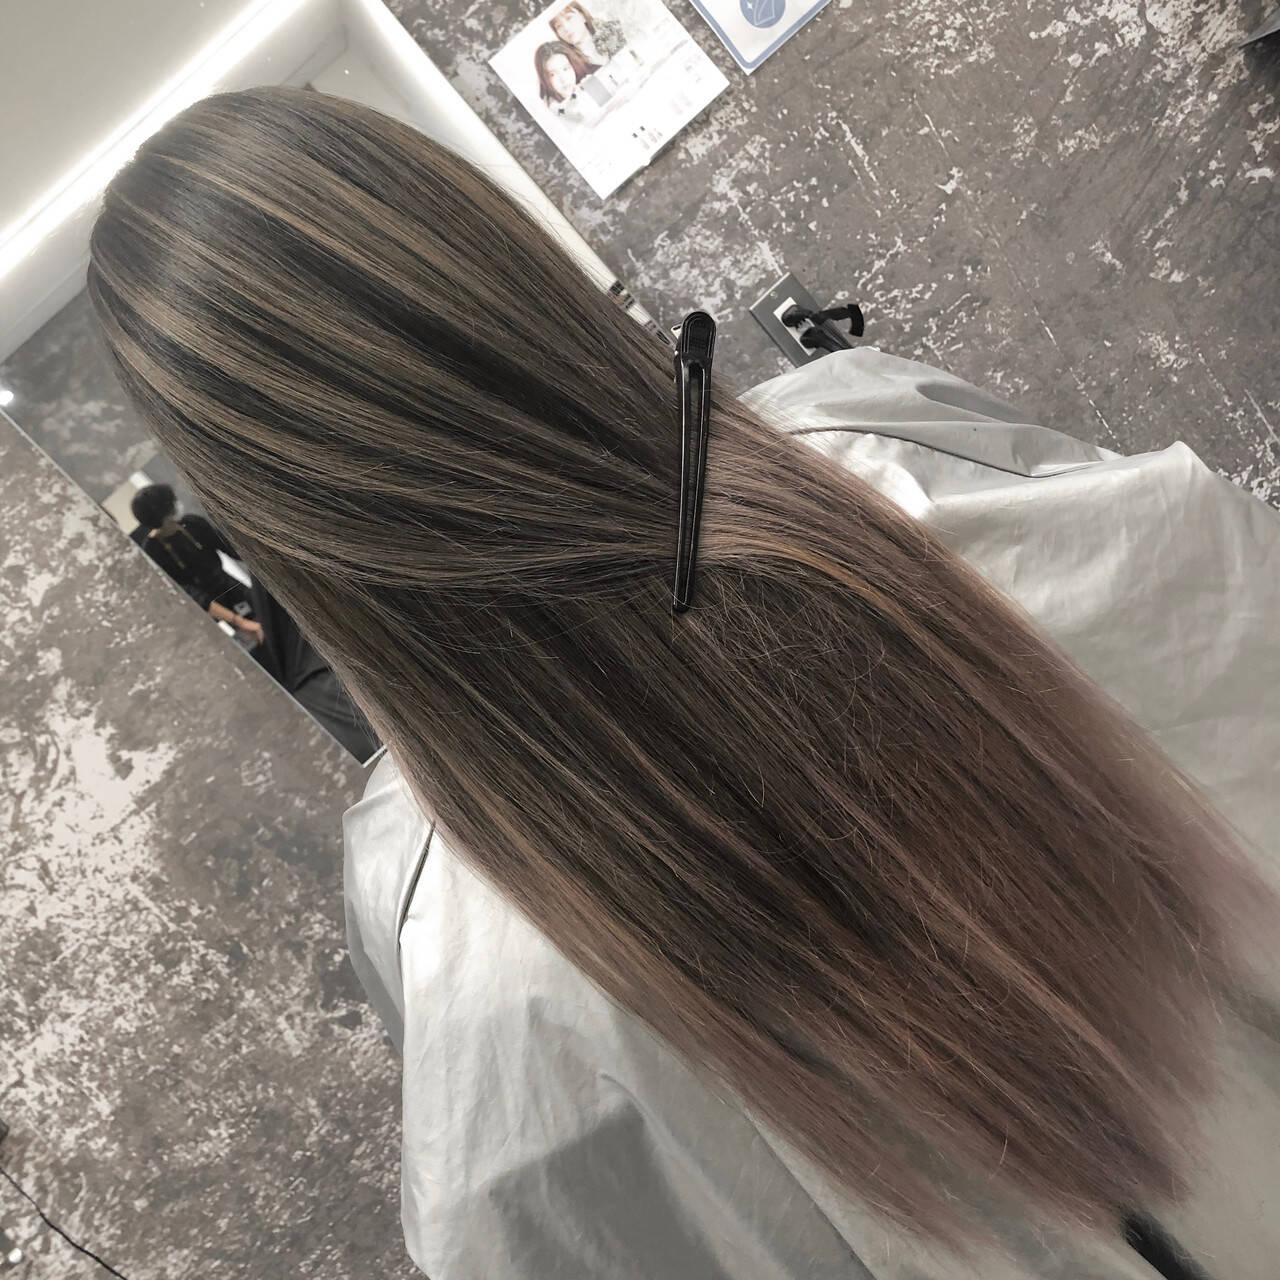 アッシュベージュ バレイヤージュ ロング 外国人風カラーヘアスタイルや髪型の写真・画像